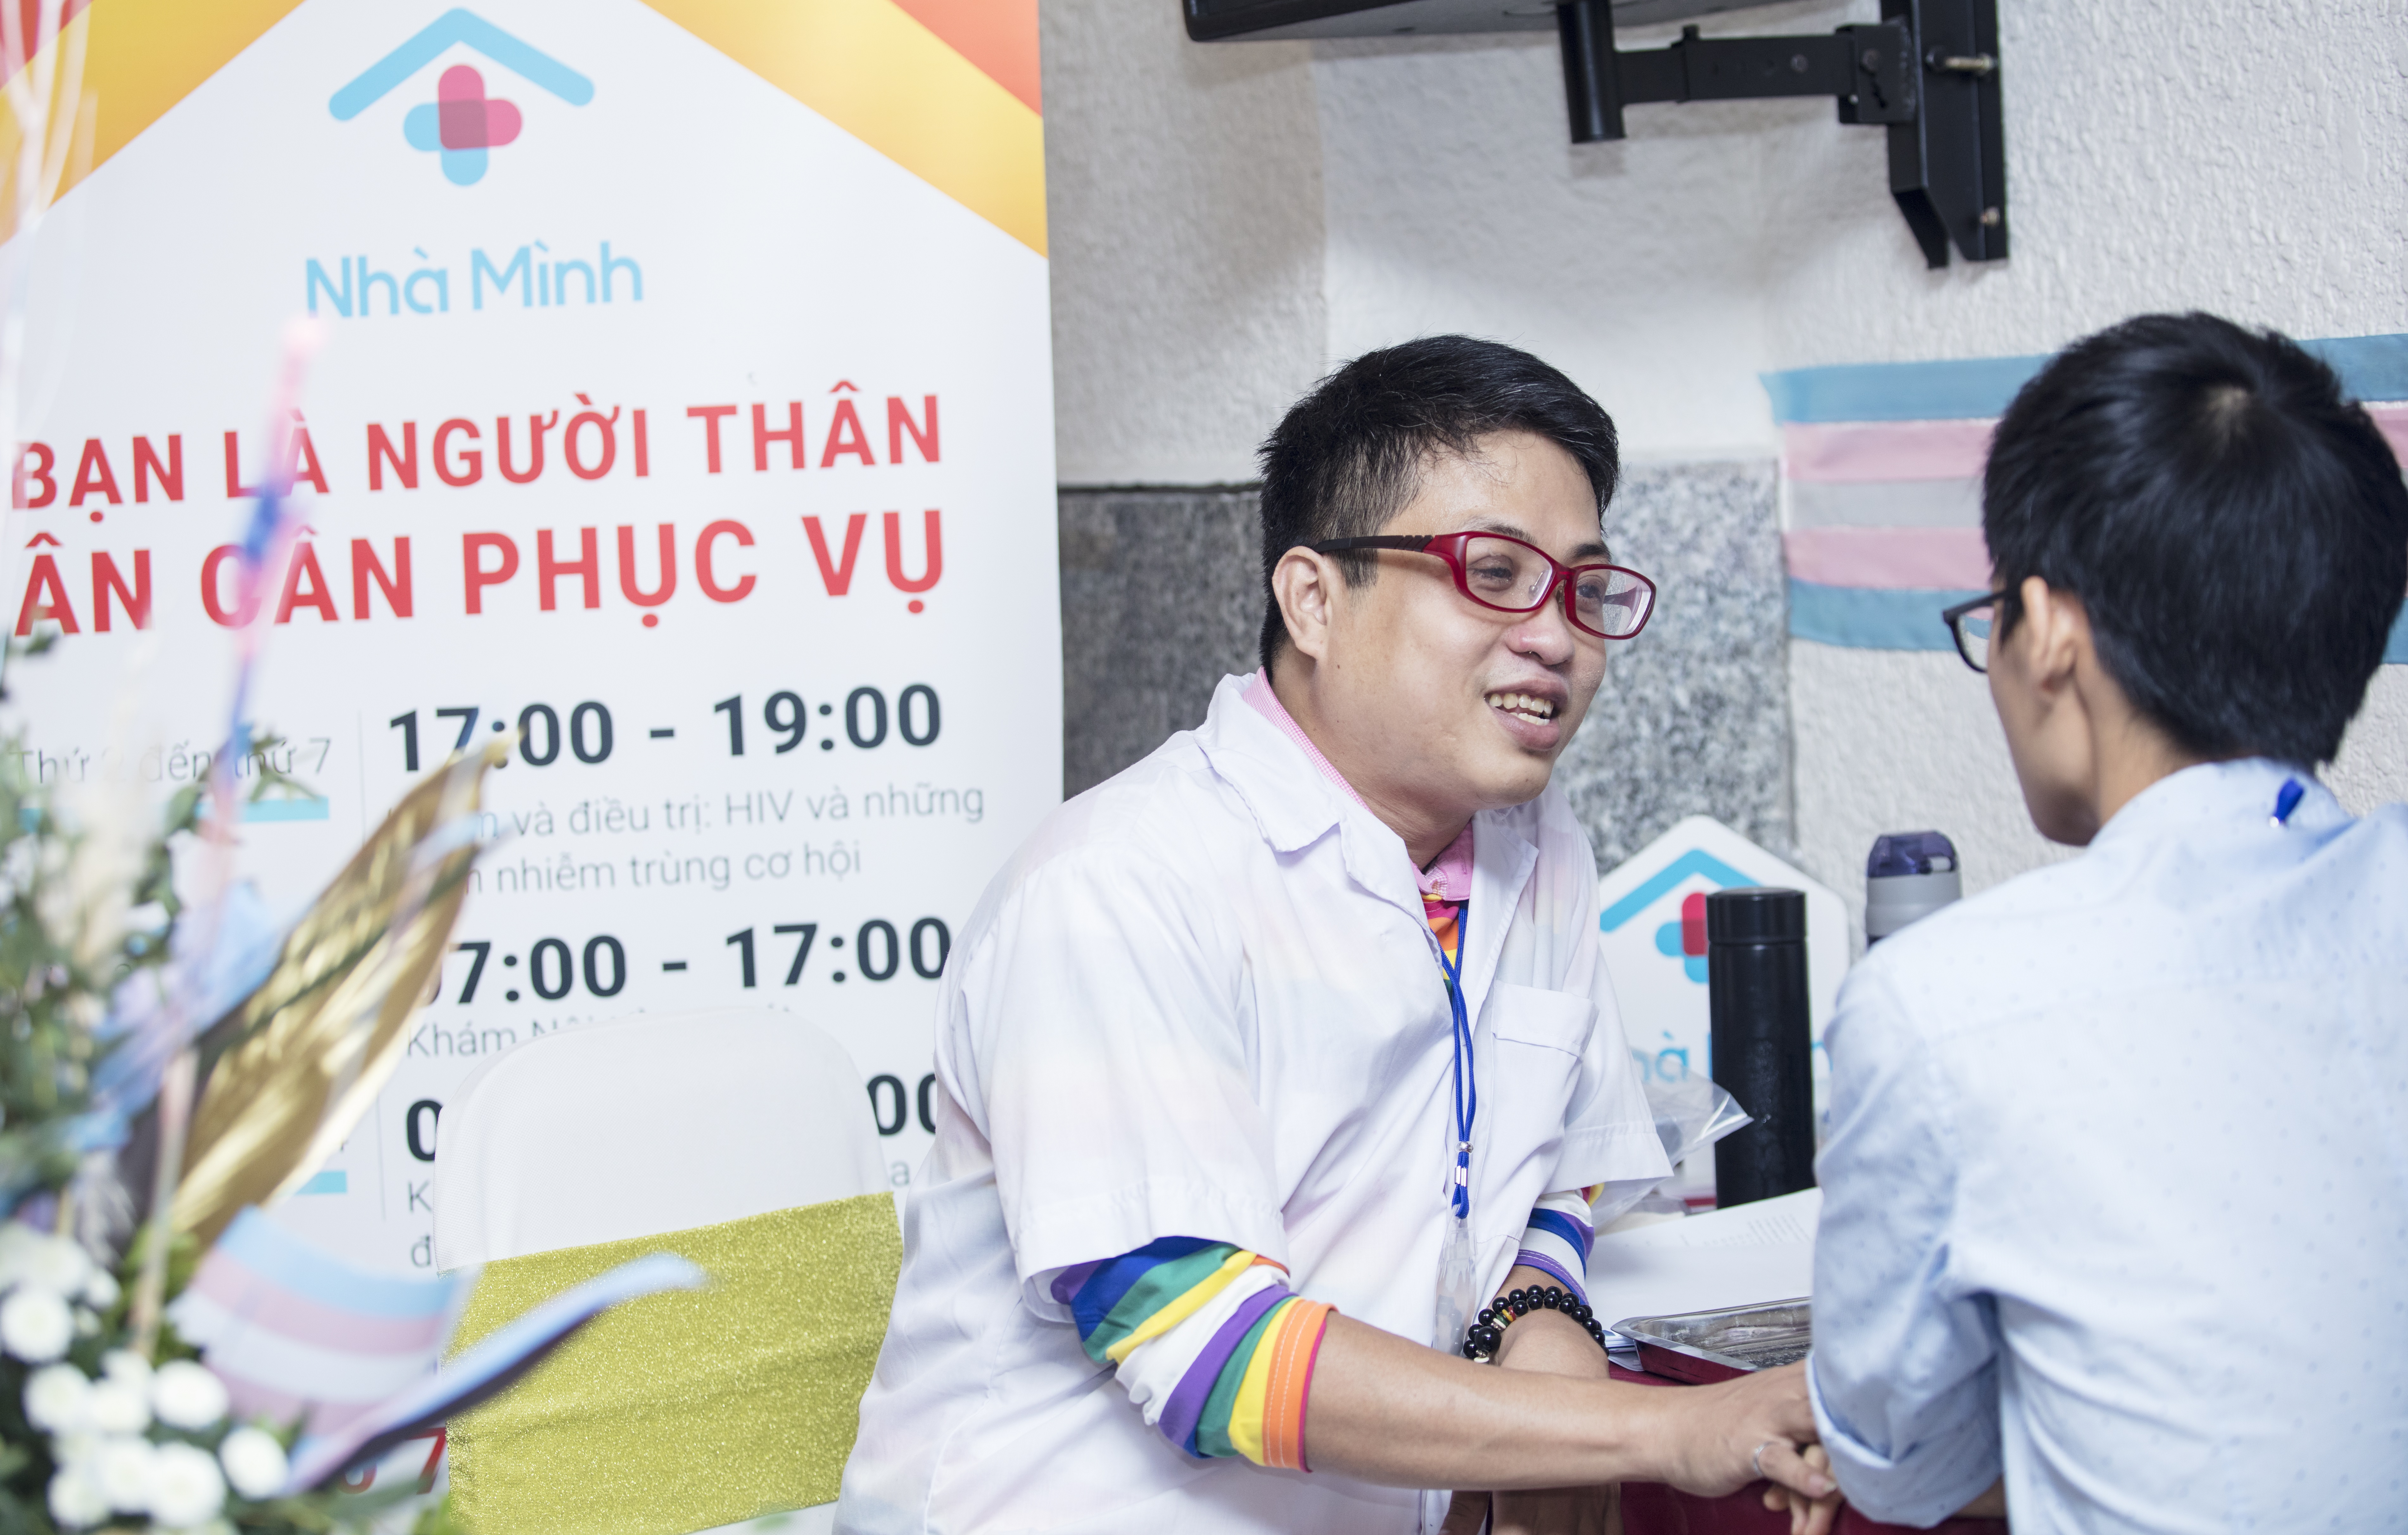 [Sống Tích Cực] Bác sỹ Thủ, Phòng khám Nhà Mình, Thành phố Hồ Chí Minh